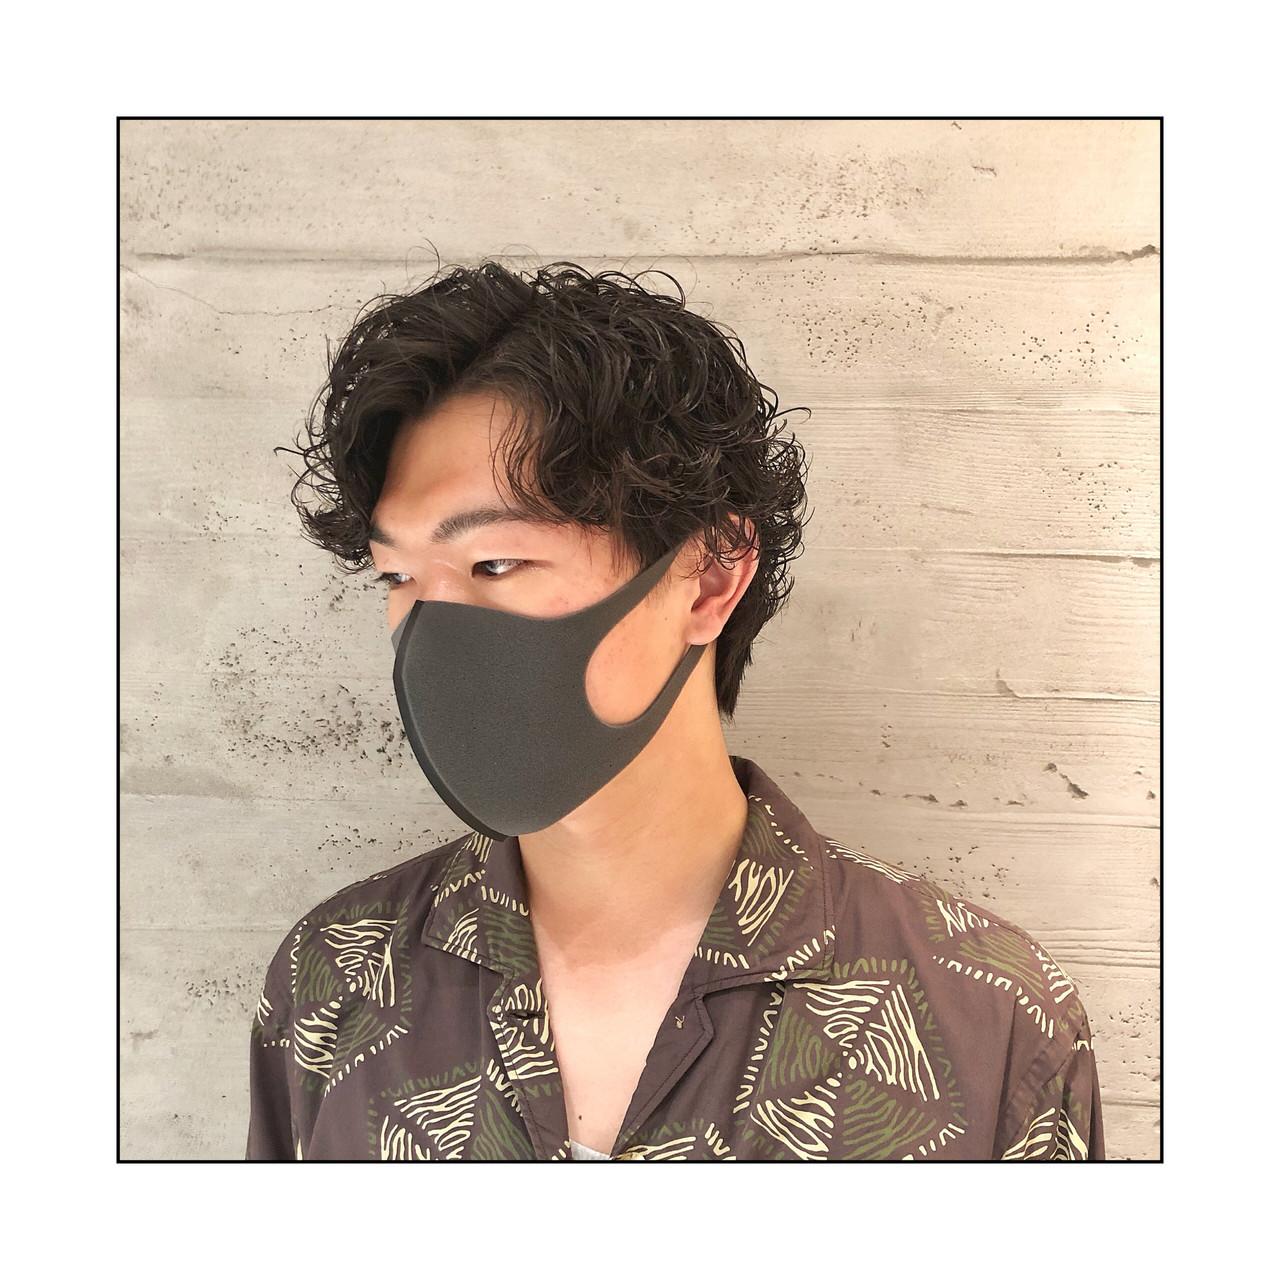 メンズパーマ メンズカット メンズヘア メンズ ヘアスタイルや髪型の写真・画像 | 男性専門美容師 菊地陸 / MEN'S GROOMING SALON SHINJUKU